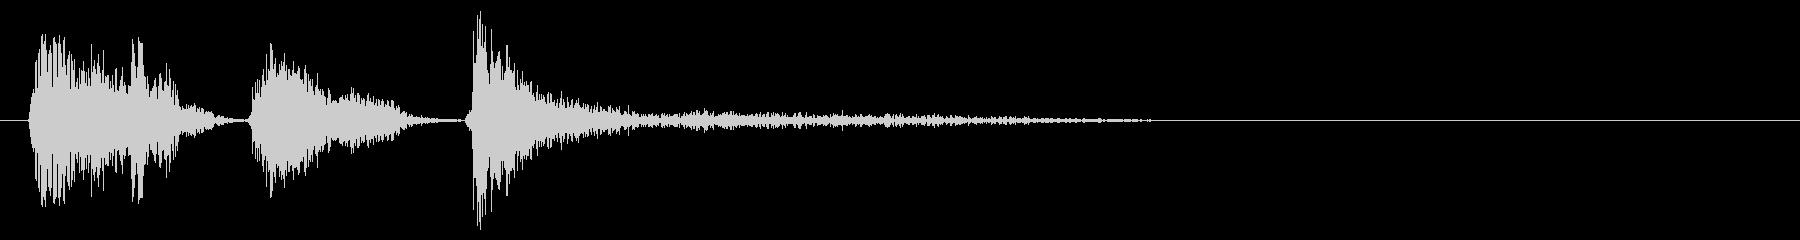 スクラッチ、DJの未再生の波形